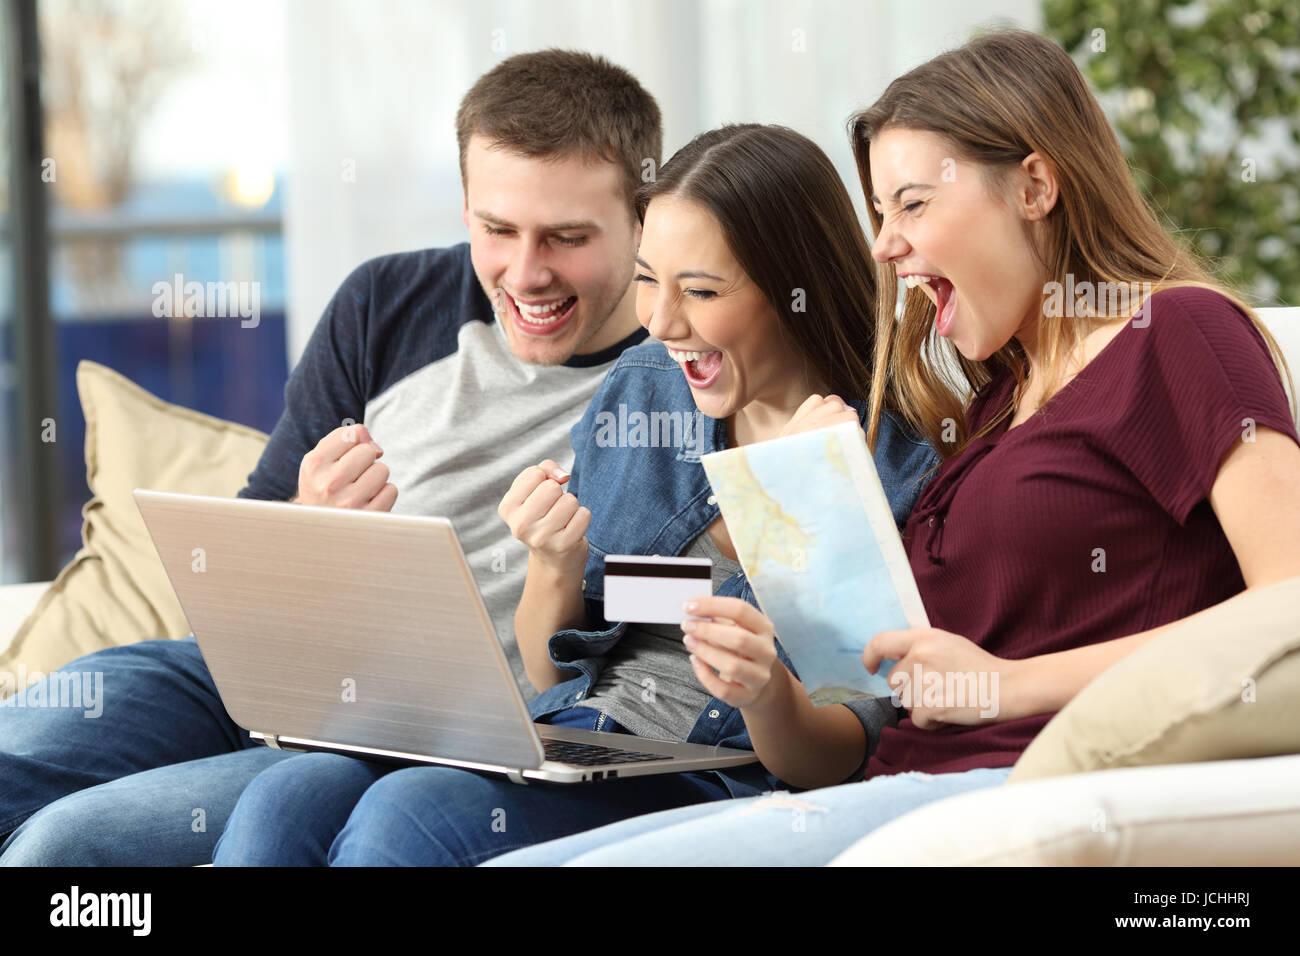 93e83d78b3fe9 Trois amis excité l'achat d'un voyage sur la ligne avec une carte